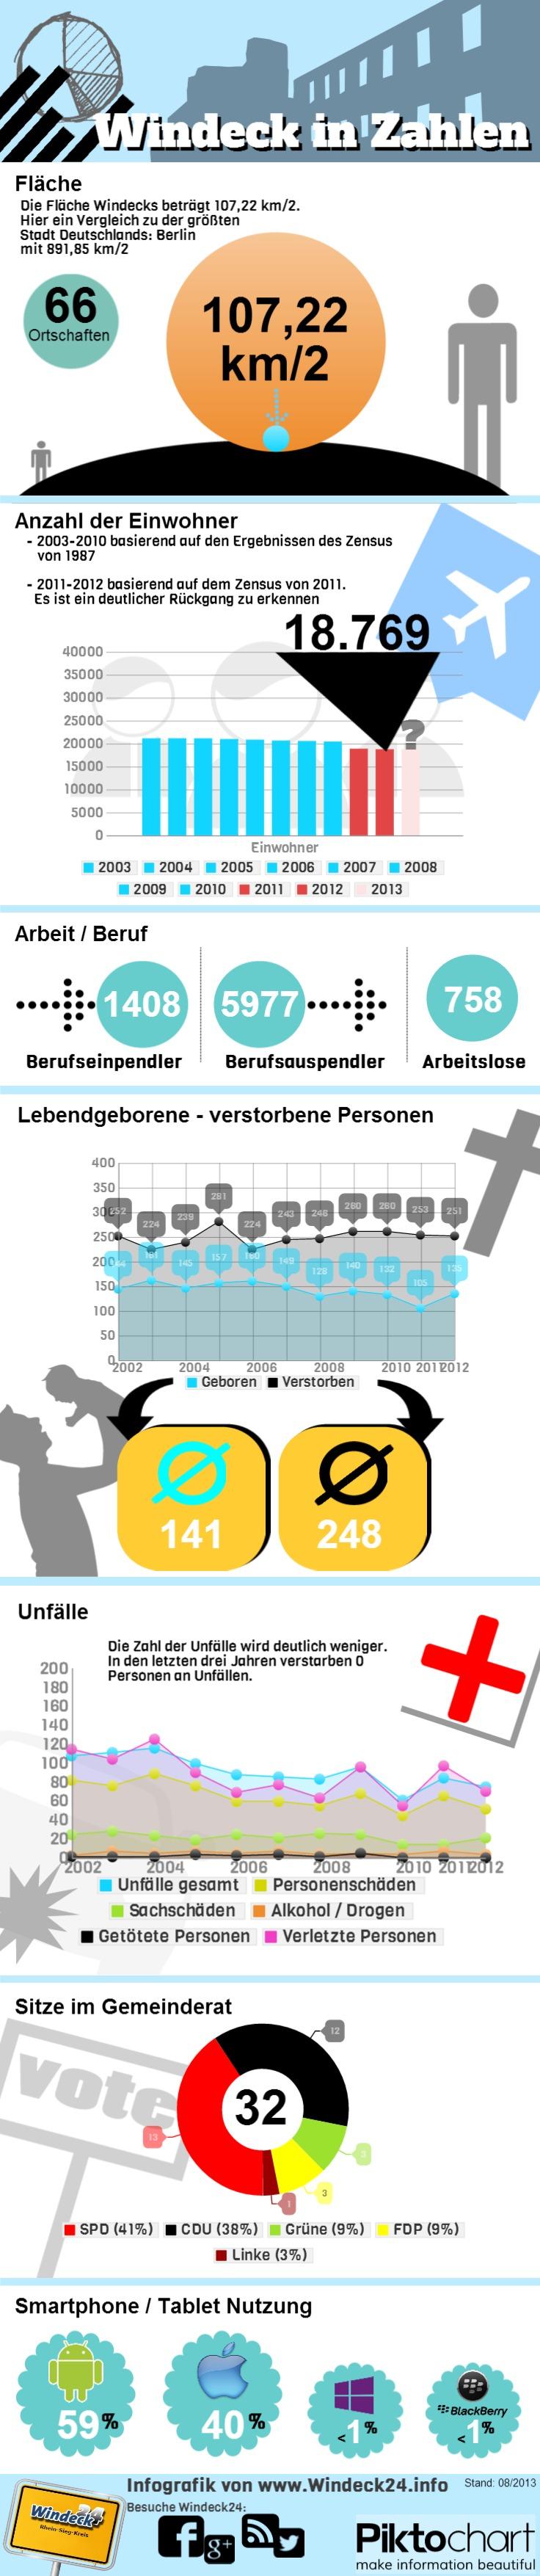 Windeck in Zahlen - Fläche, Geburten, Arbeitslose, Smartphone Nutzung